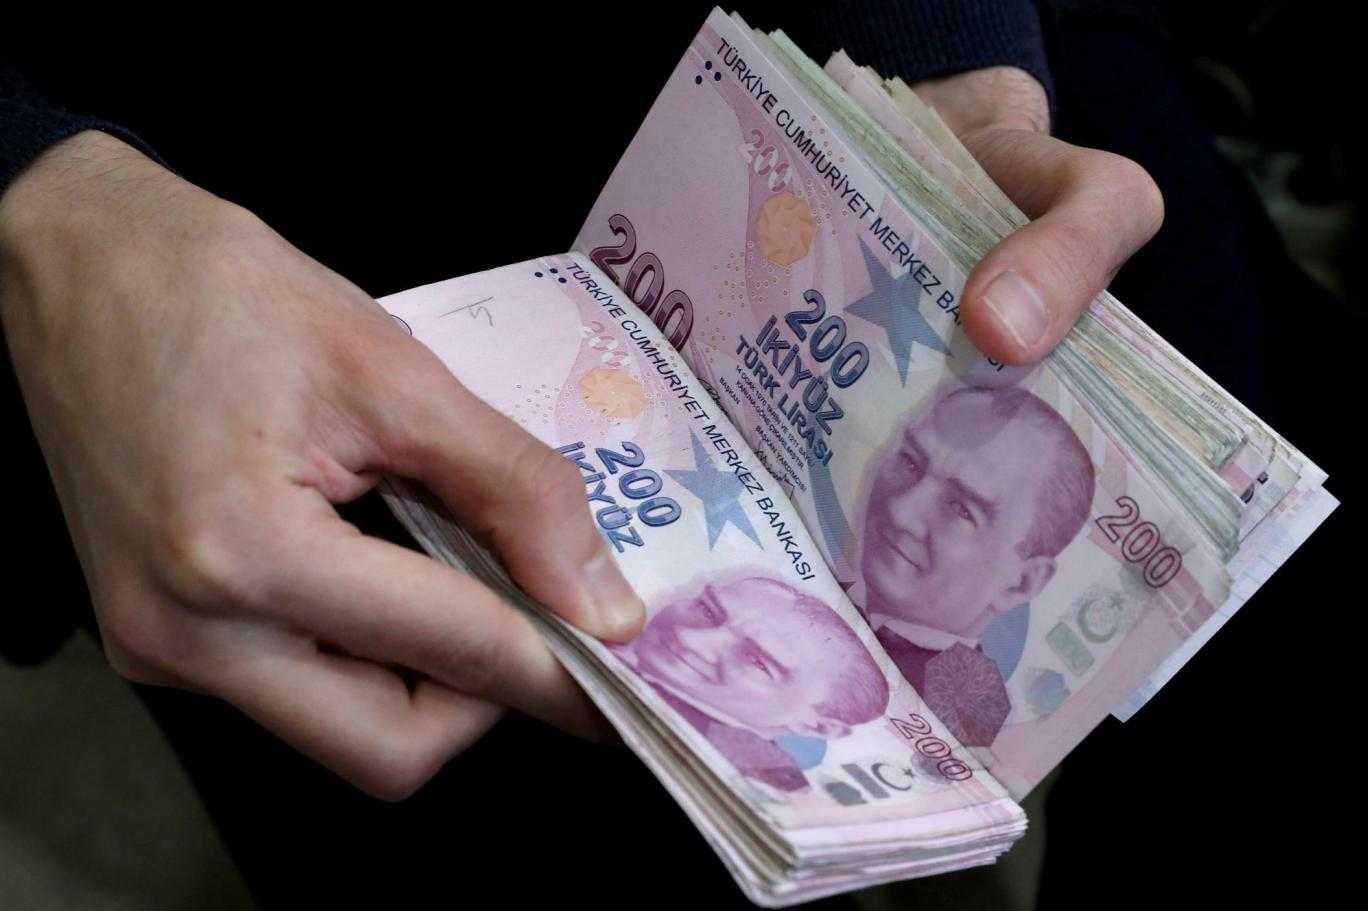 Acil Para Lazım Diyenler İçin Aynı Gün Para Bulma Yöntemleri